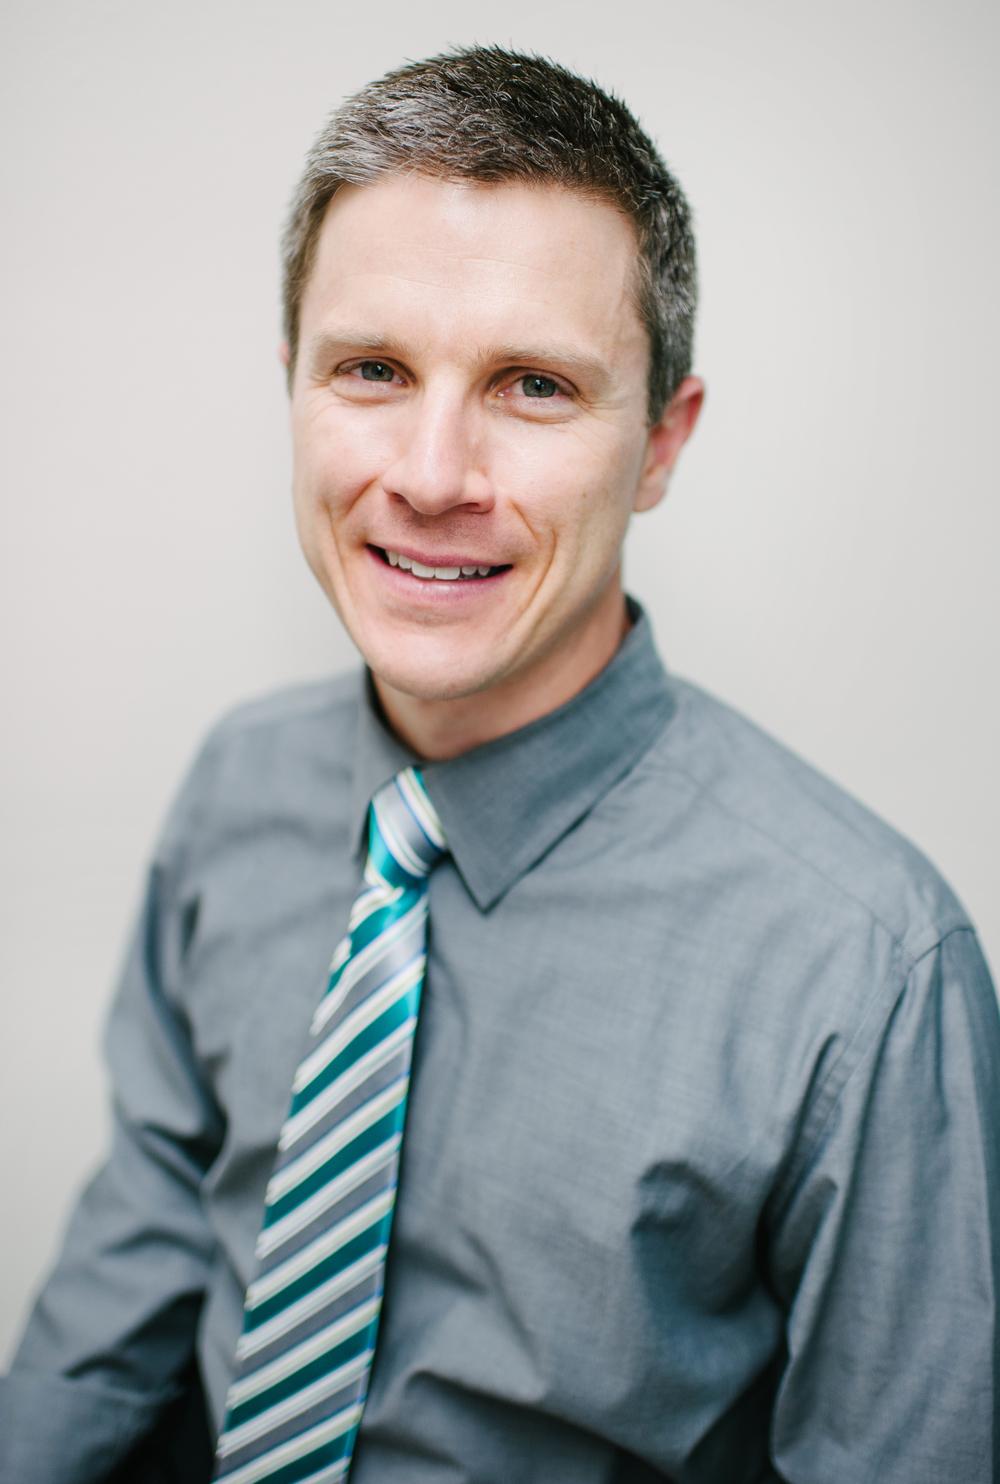 Dr. David Lowman